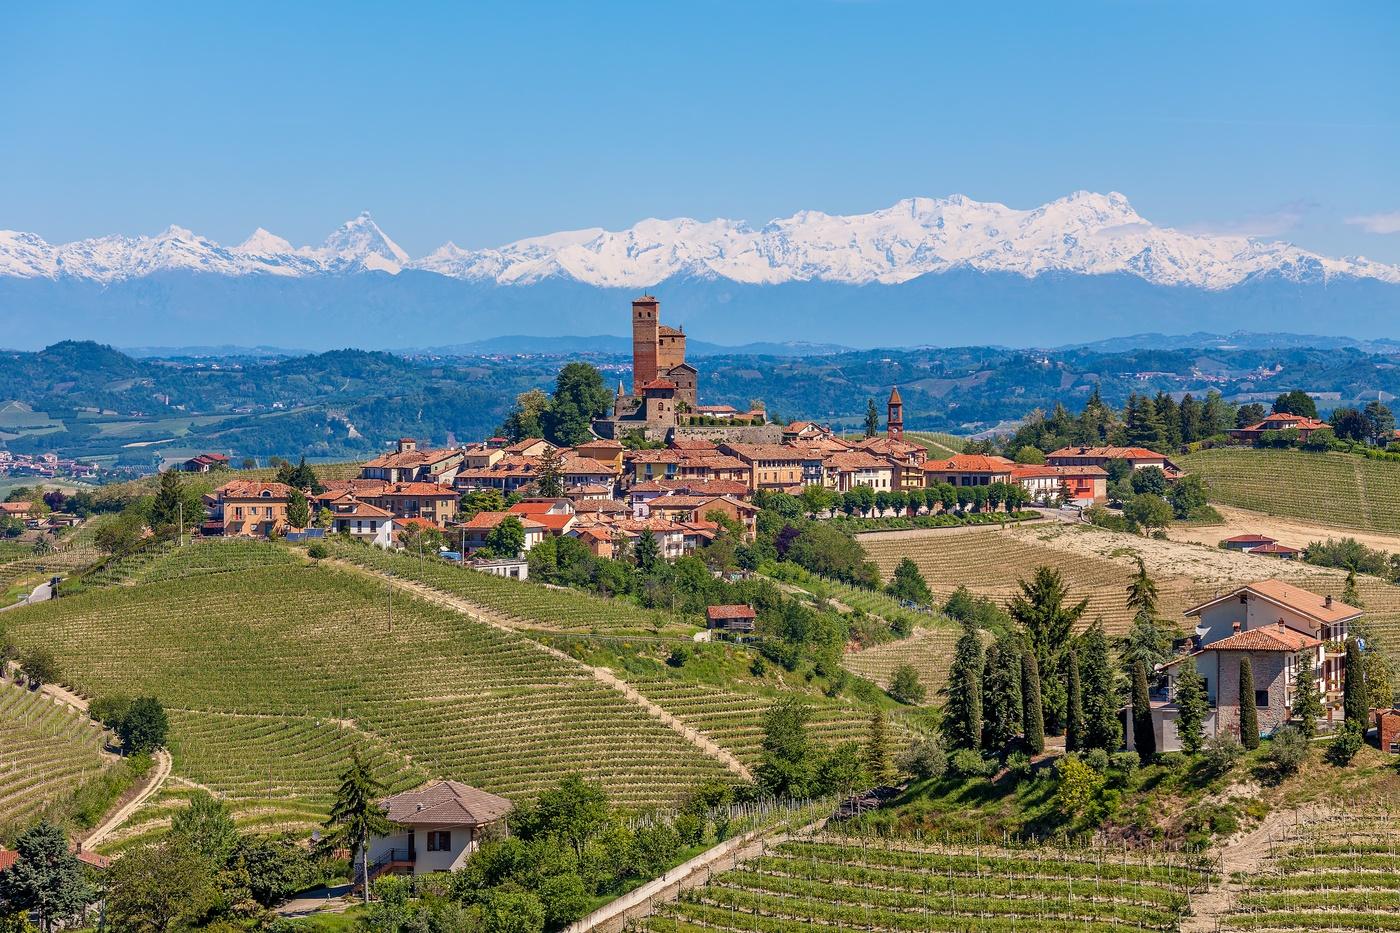 Barolo-Piemonte-Cycling-Wine-Alps